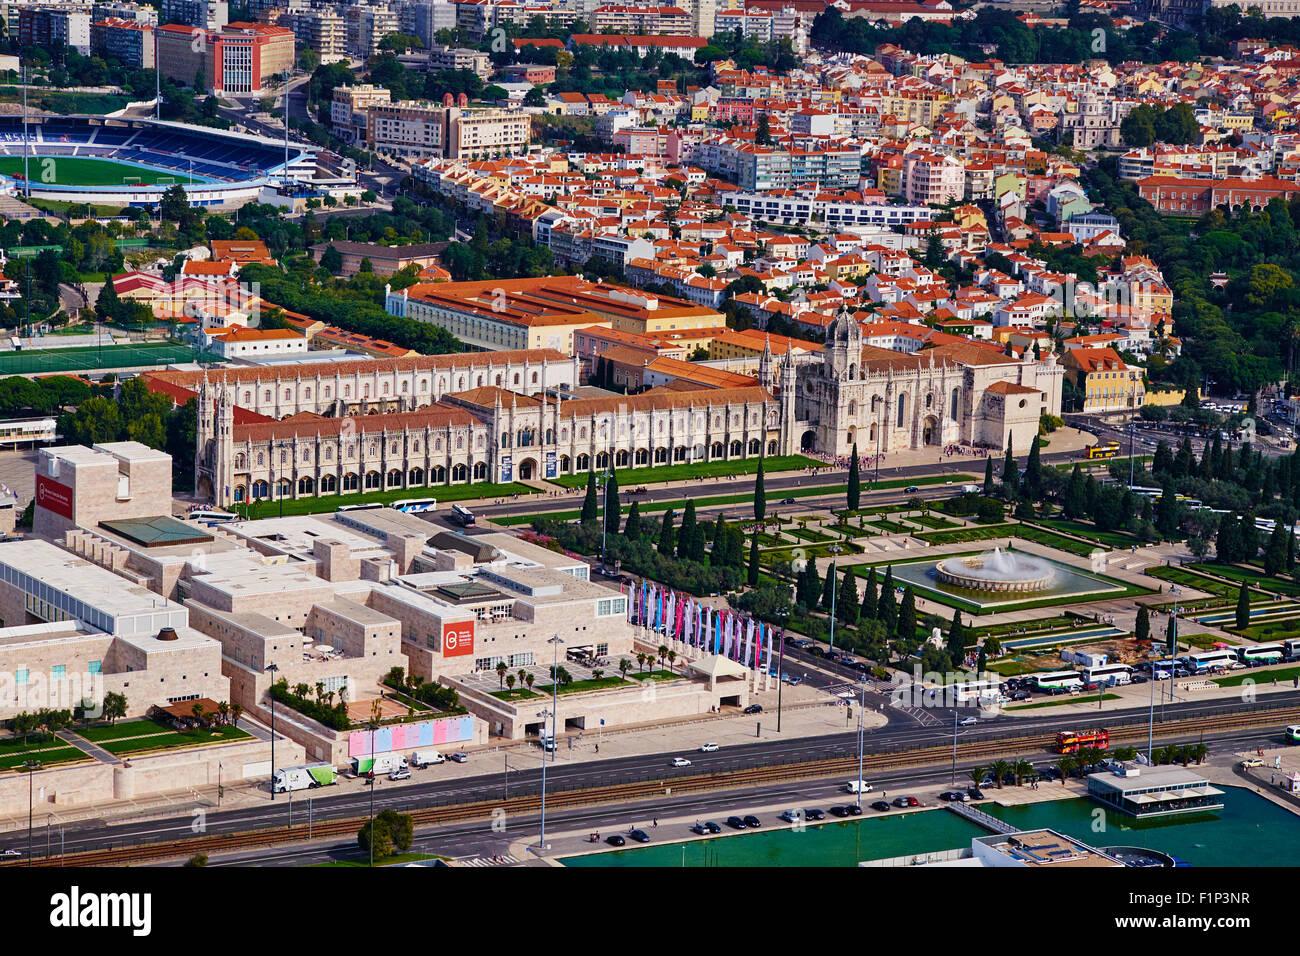 Portugal, Lisbon, mosteiro dos Jeronimos, Jeronimos monastery - Stock Image